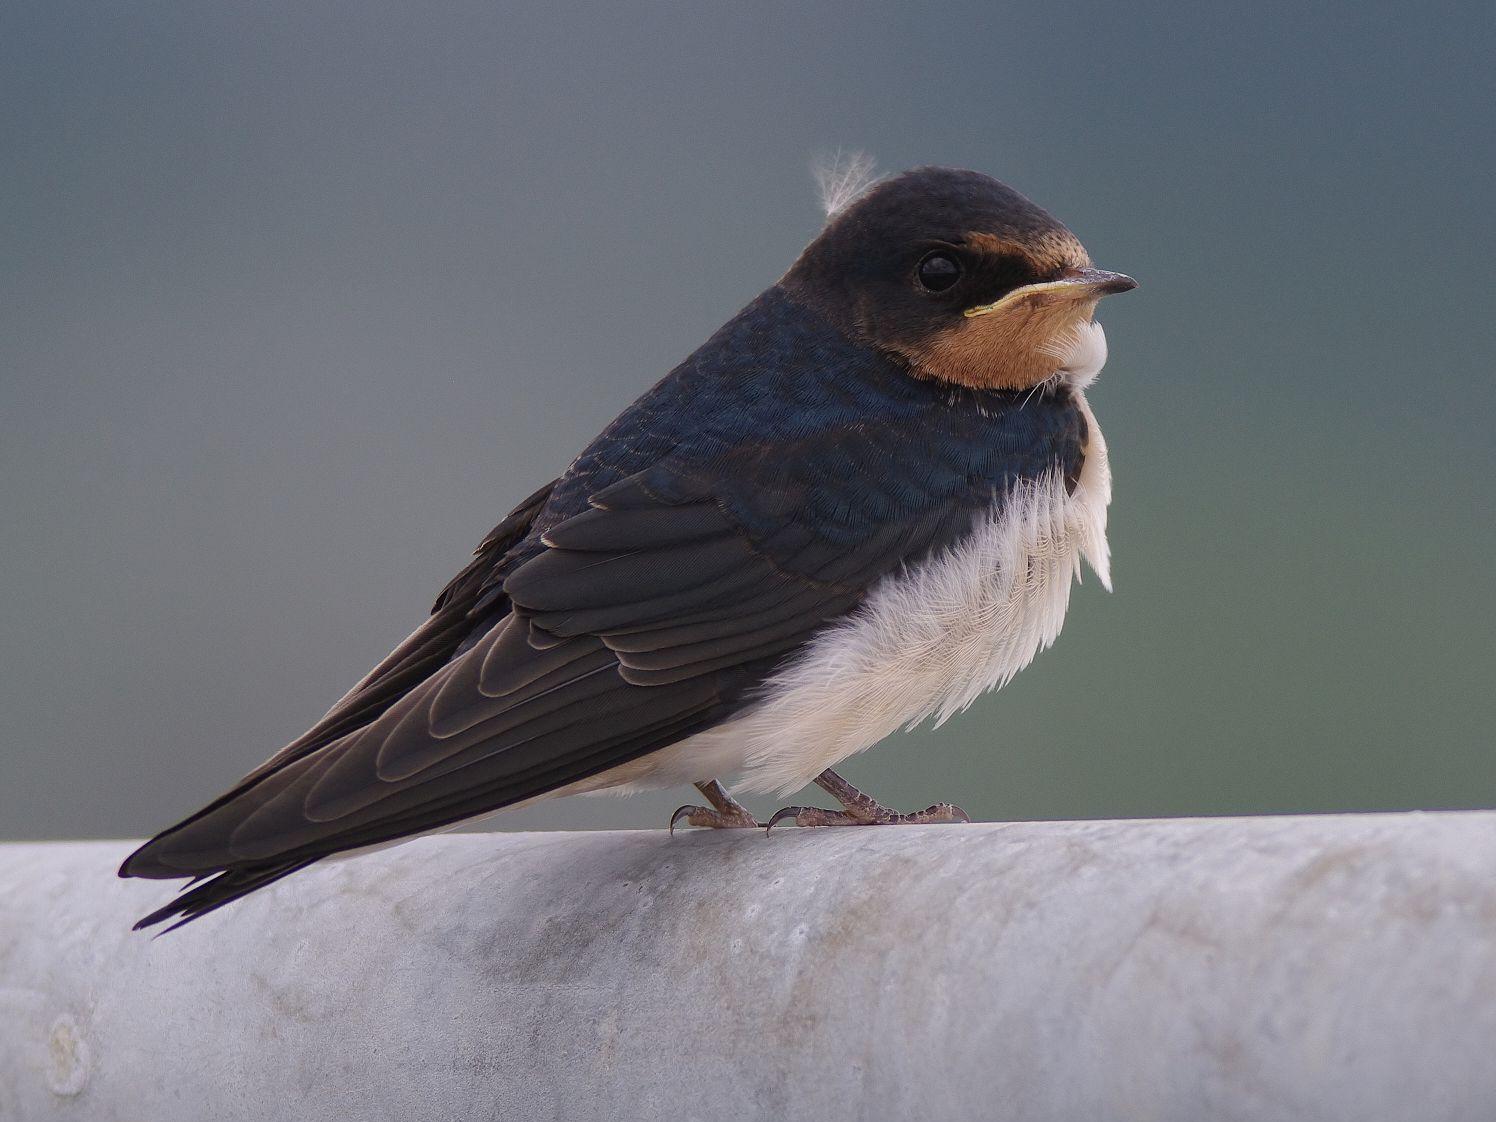 AFボーグ BORG77EDⅡで撮影した野鳥・ツバメの写真画像